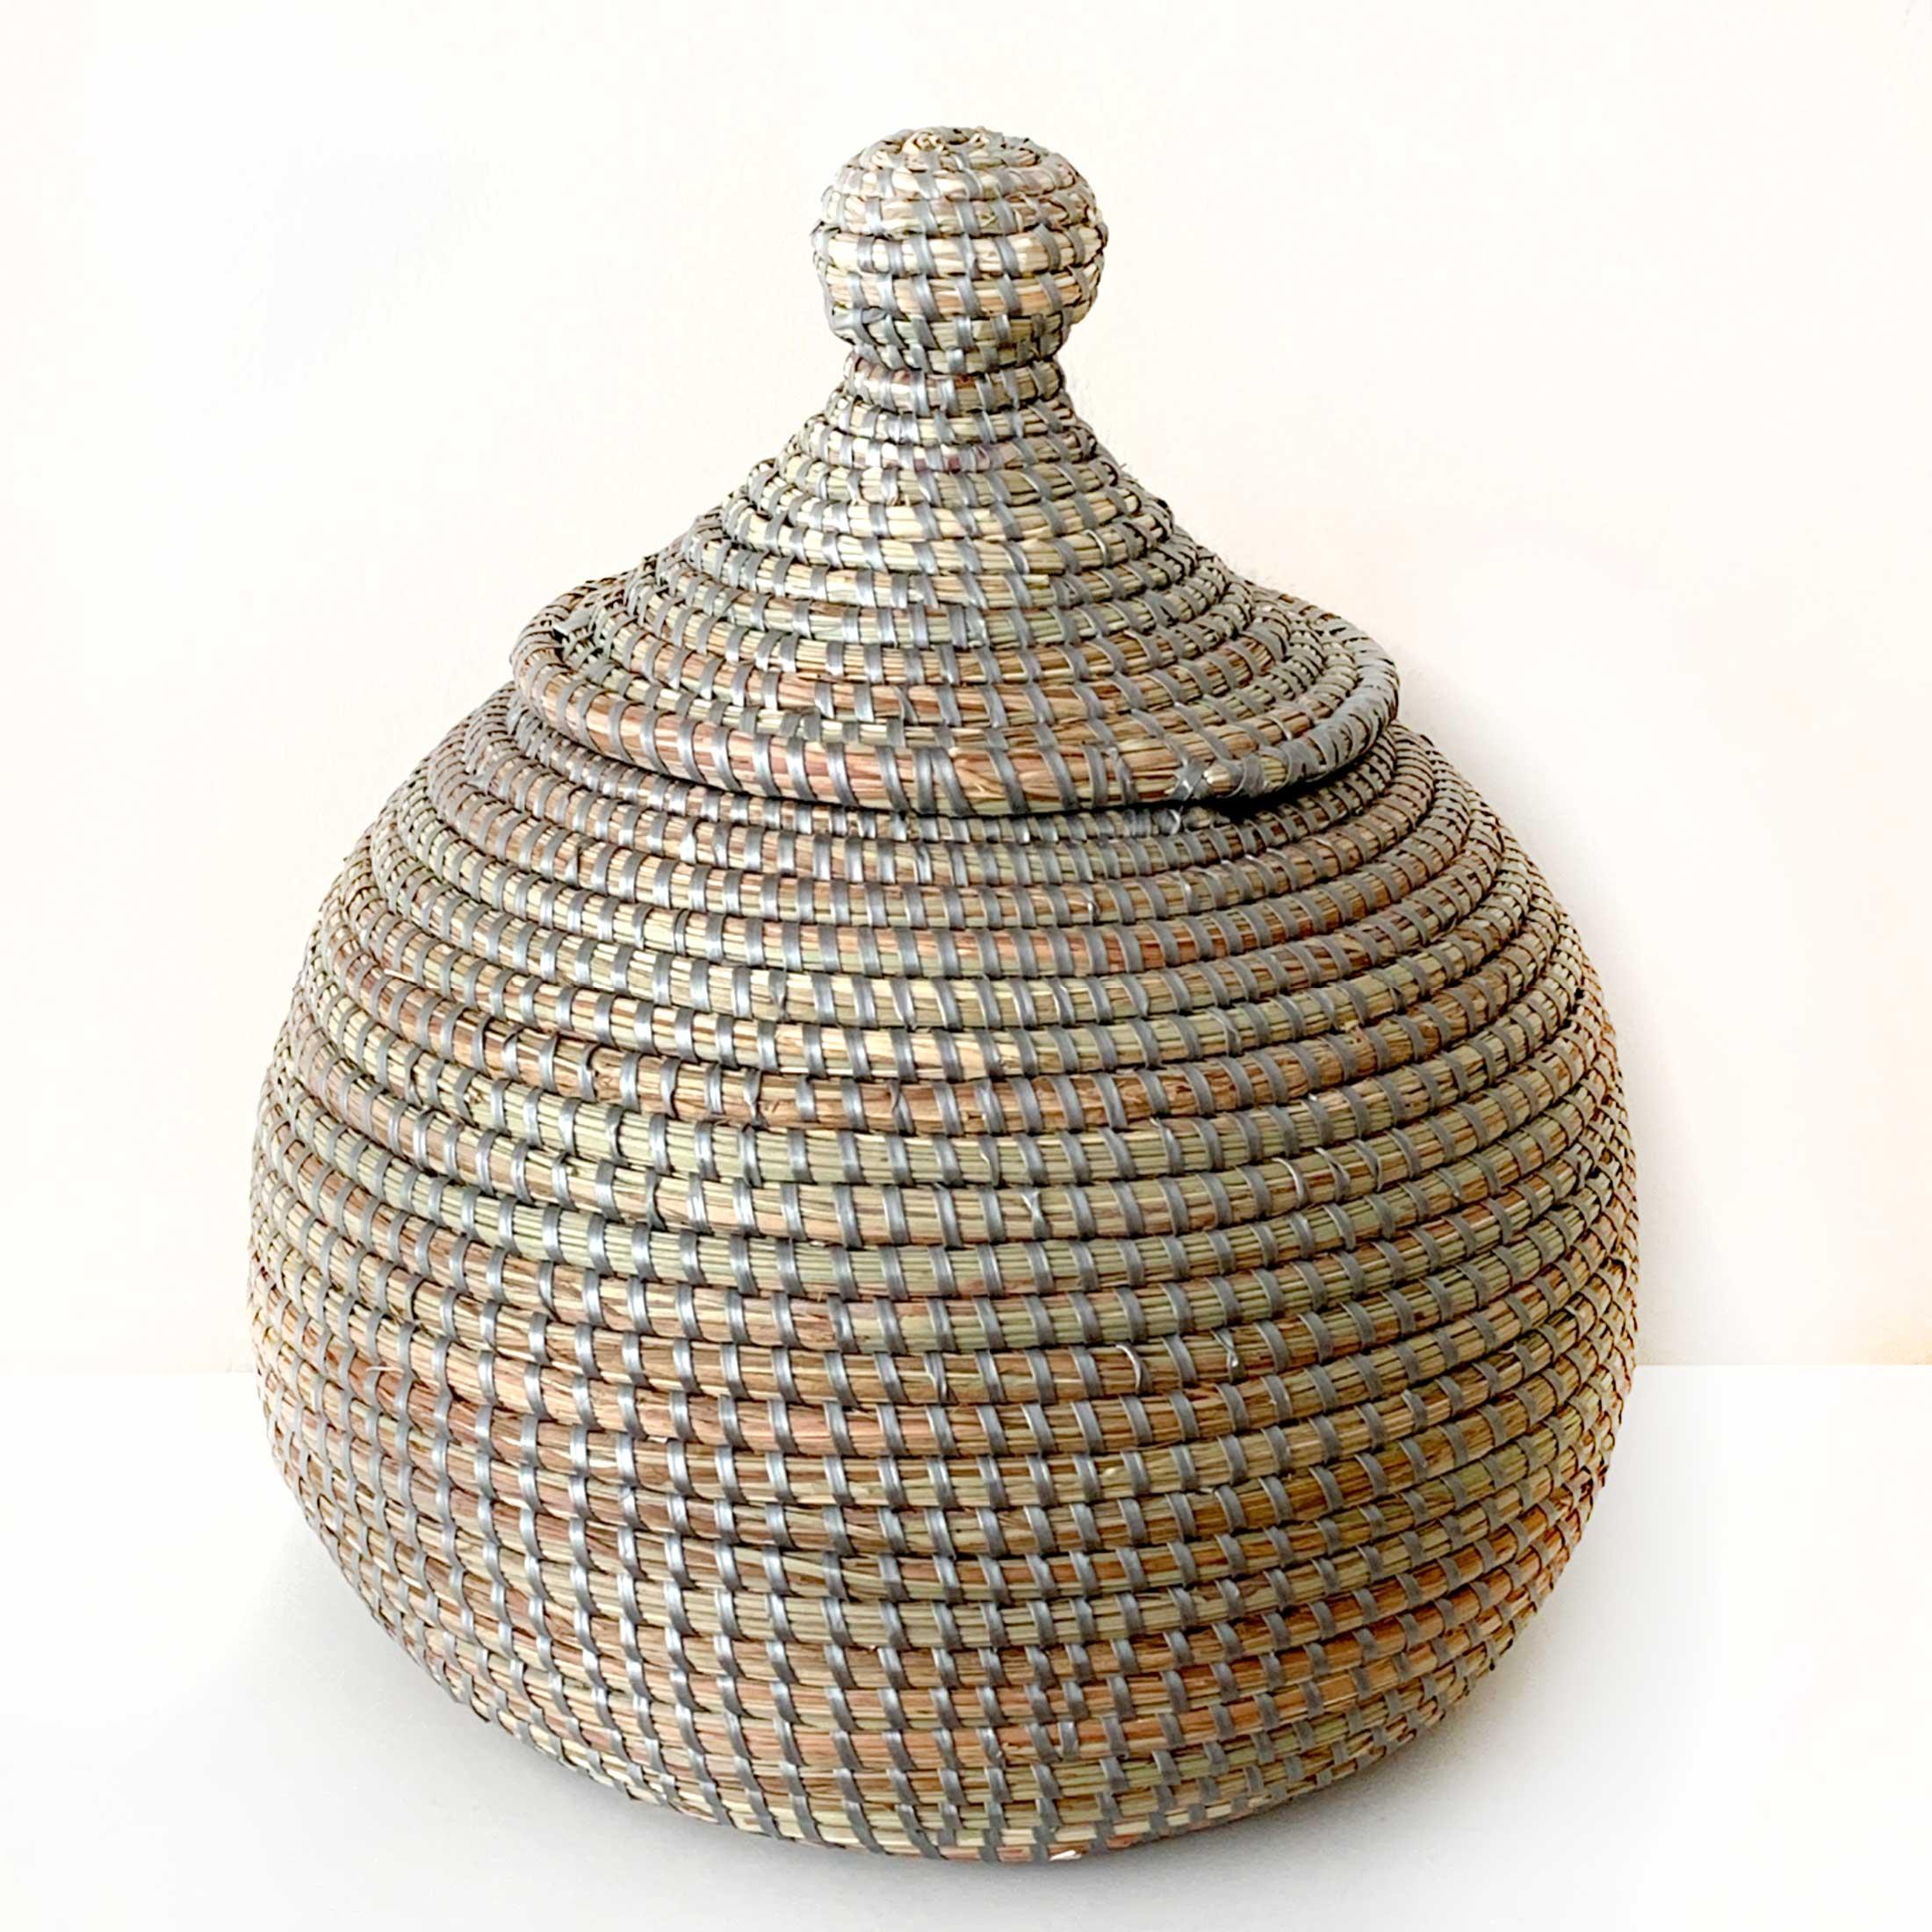 Deckelkorb aus Gras um ganz viele Kleinigkeiten darin zu verstauen. Nützlich und schicke Dekoration zugleich. Passend für Badezimmer, Flur, Wohnzimmer, Küche